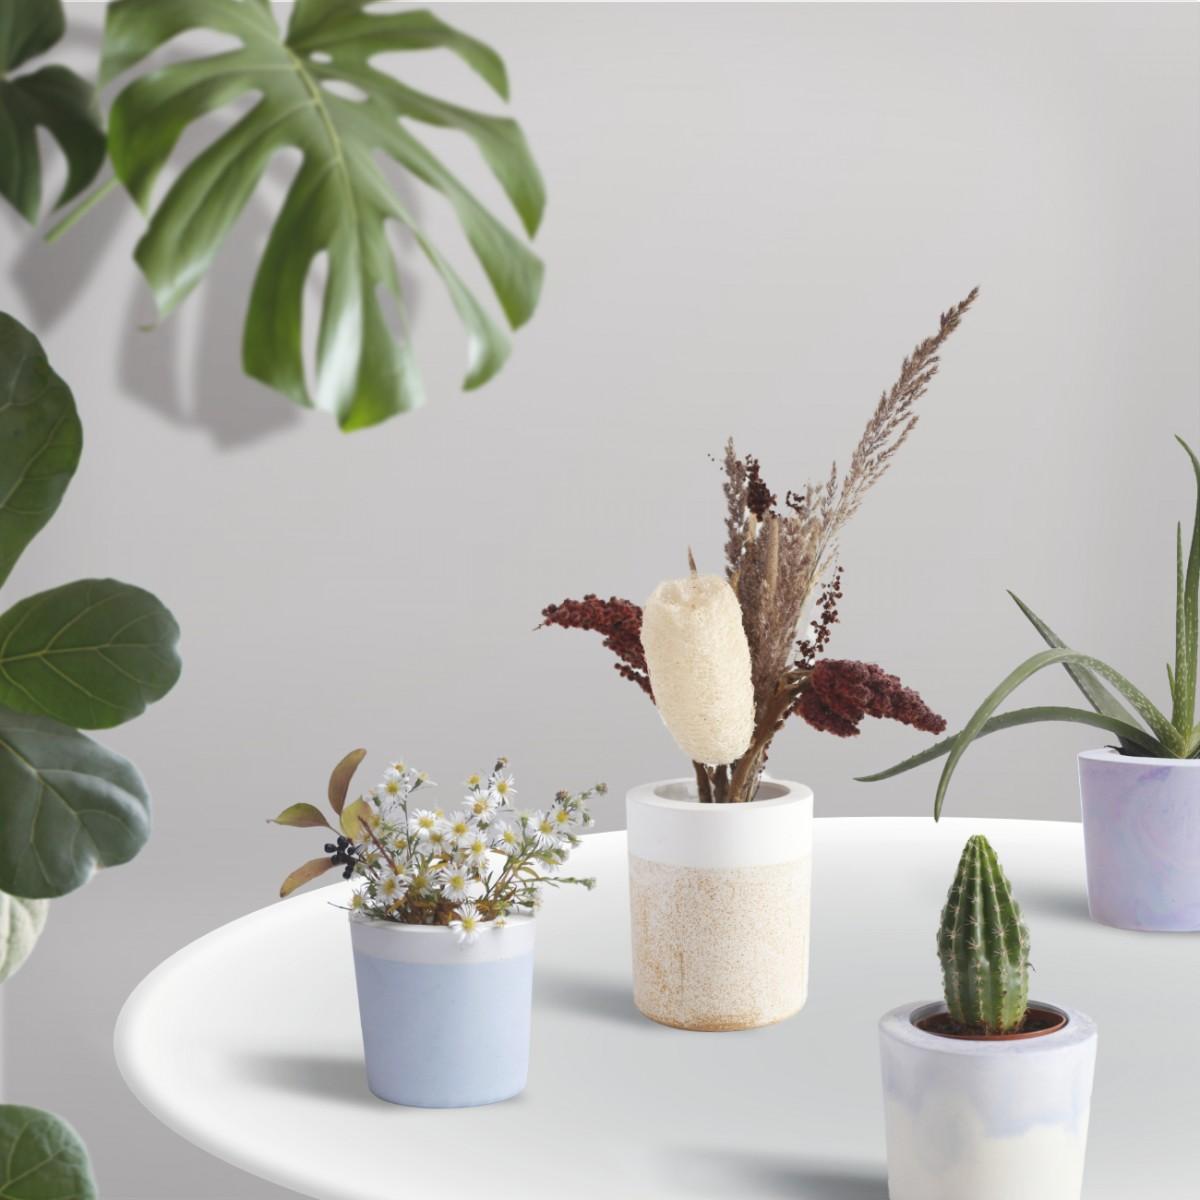 FLOWERPOT - DIY Bausatz für einen individuellen Blumenübertopf